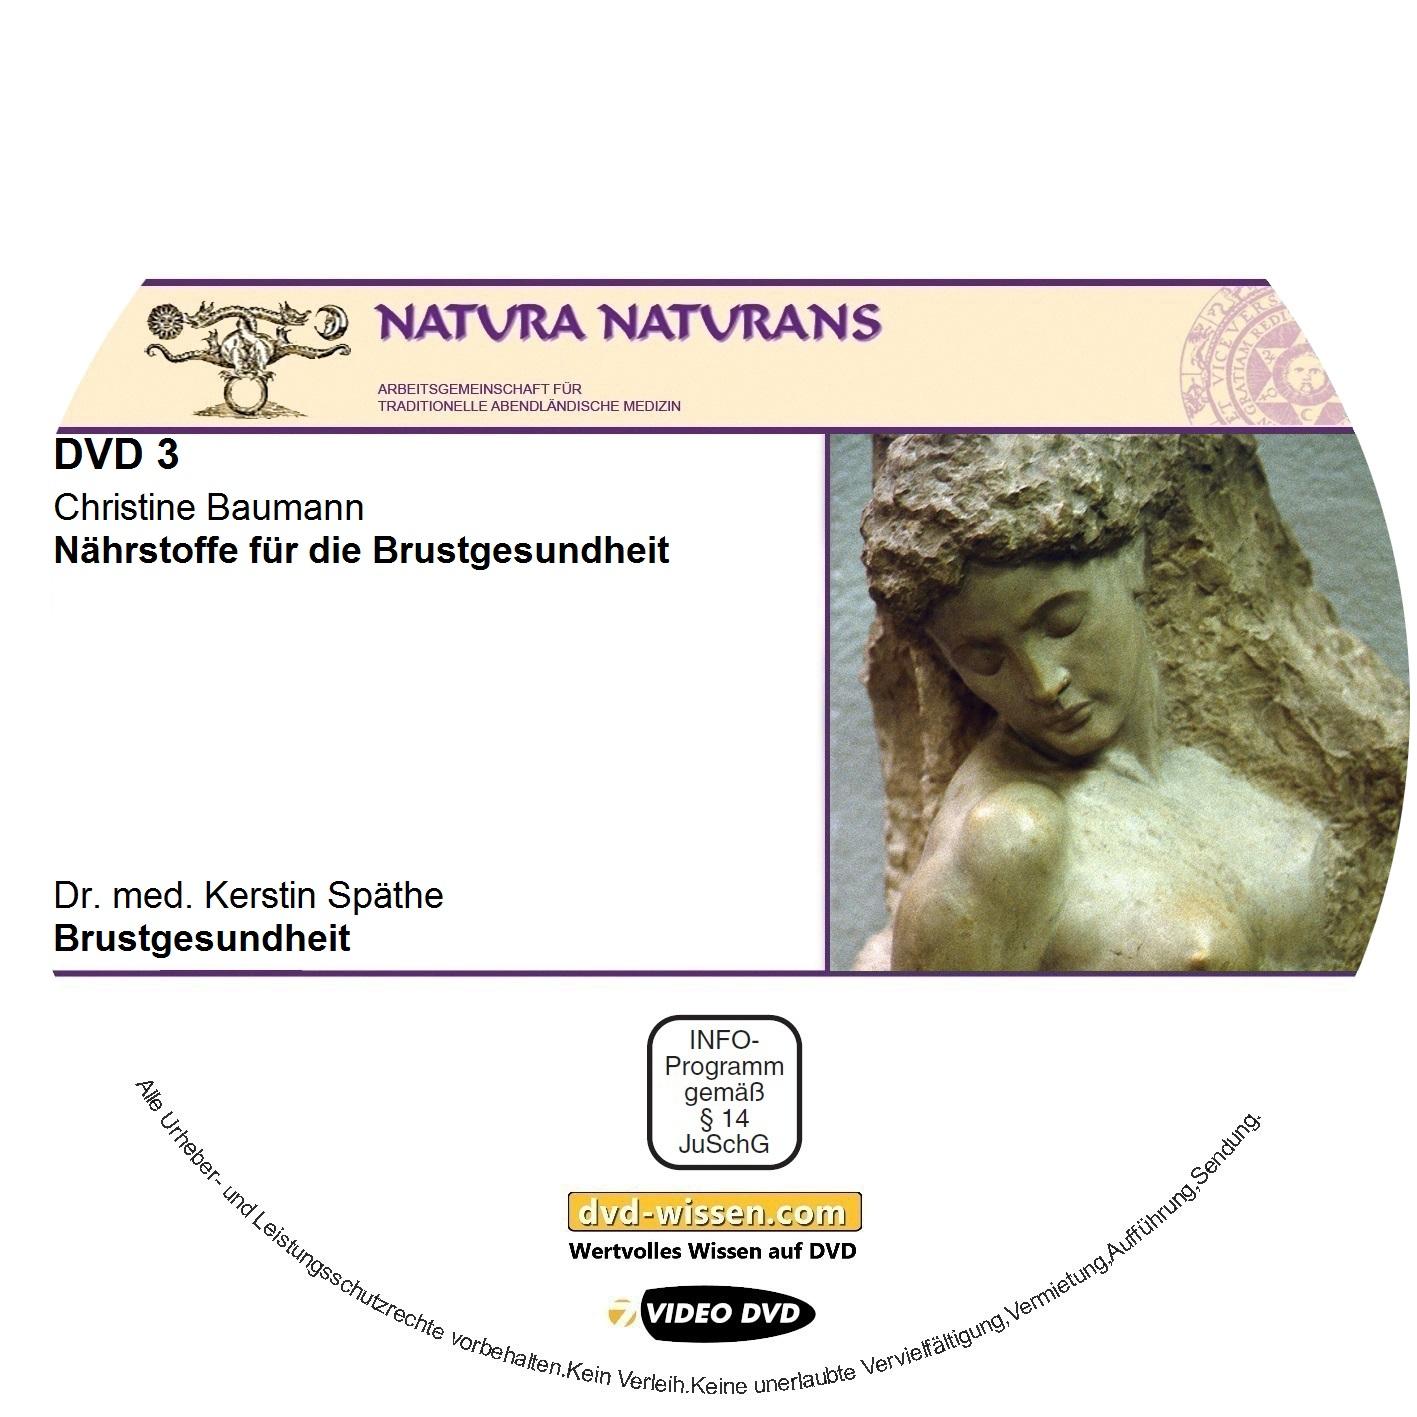 Christine Baumann, Dr. med. Kerstin Späthe, Margret Madejsky: Naturheilkonzepte für die weiblichen Brüste - Vertiefungsseminar